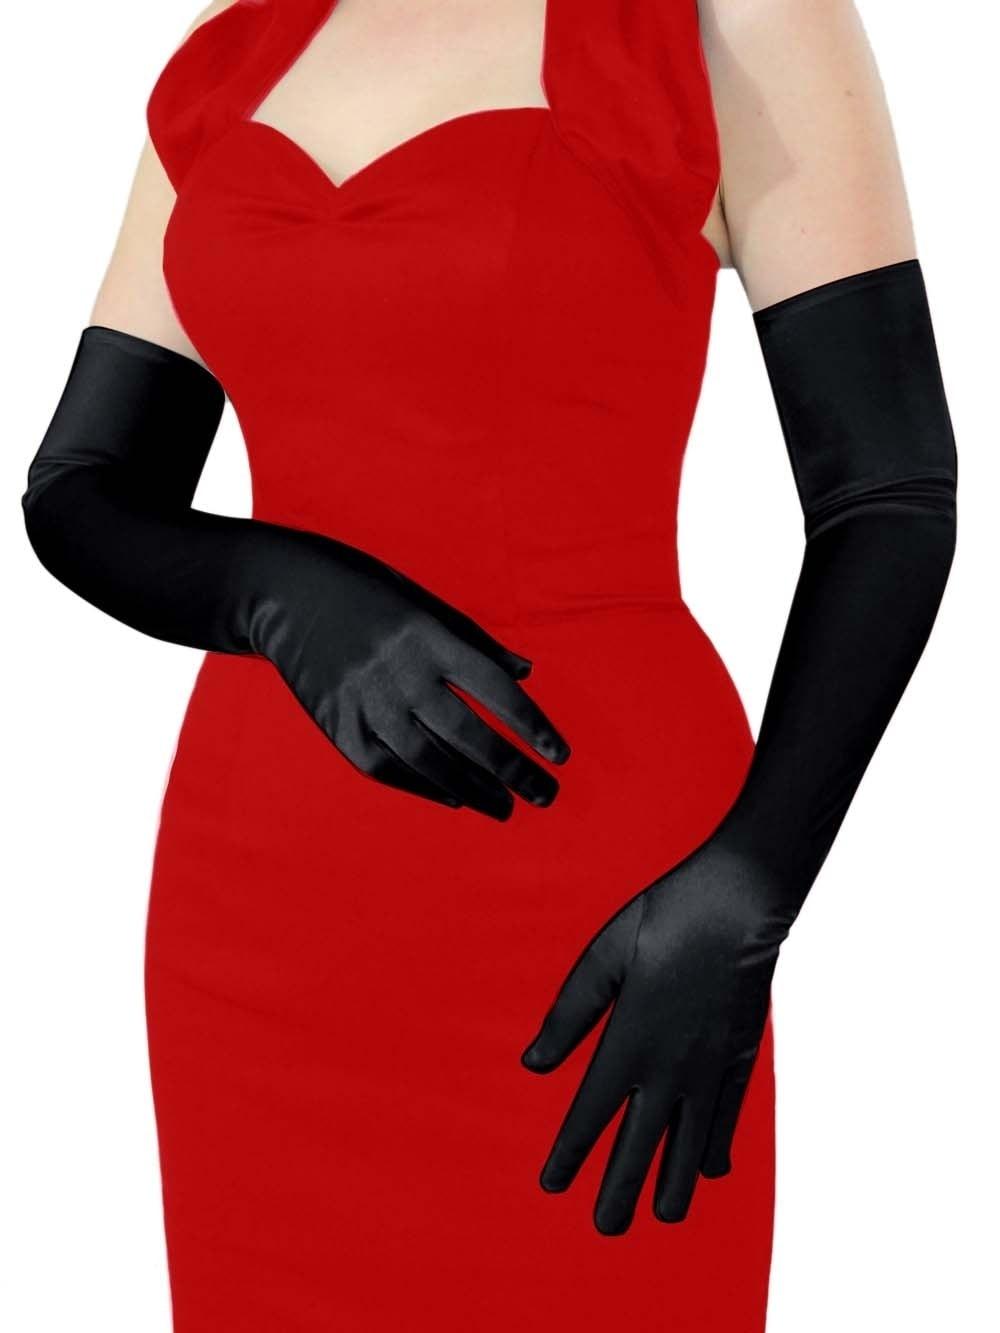 Opera Gloves Black from Vivien of Holloway